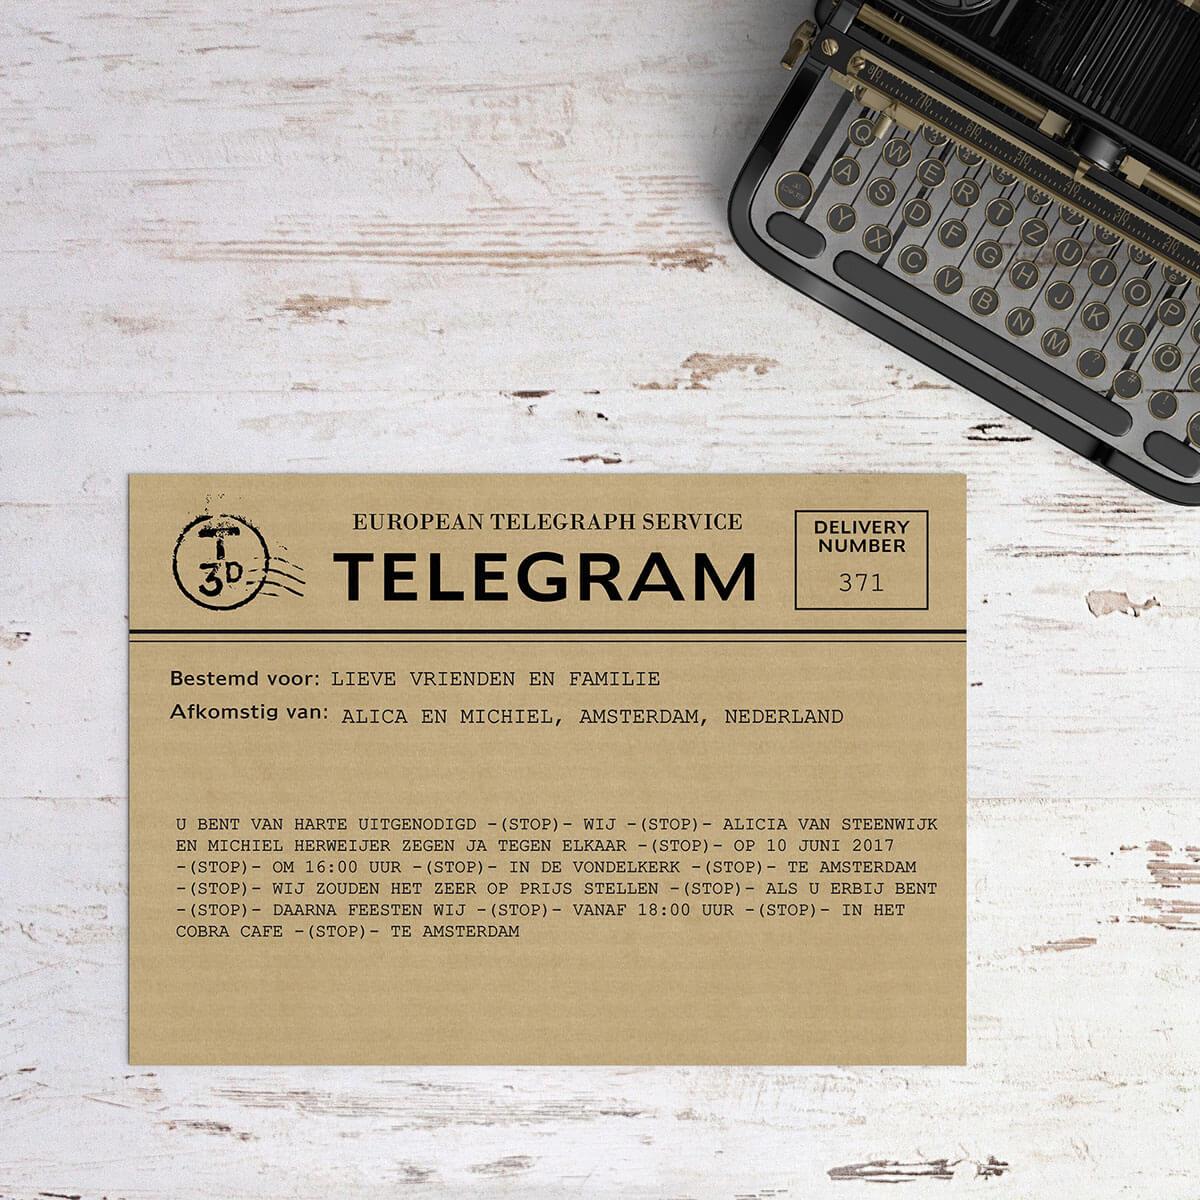 Trouwkaart Telegram biedt een originele en grappige manier om gasten uit te nodigen. Met de tekst zelf, inclusief veel STOP-woorden, kun je alle kanten op.